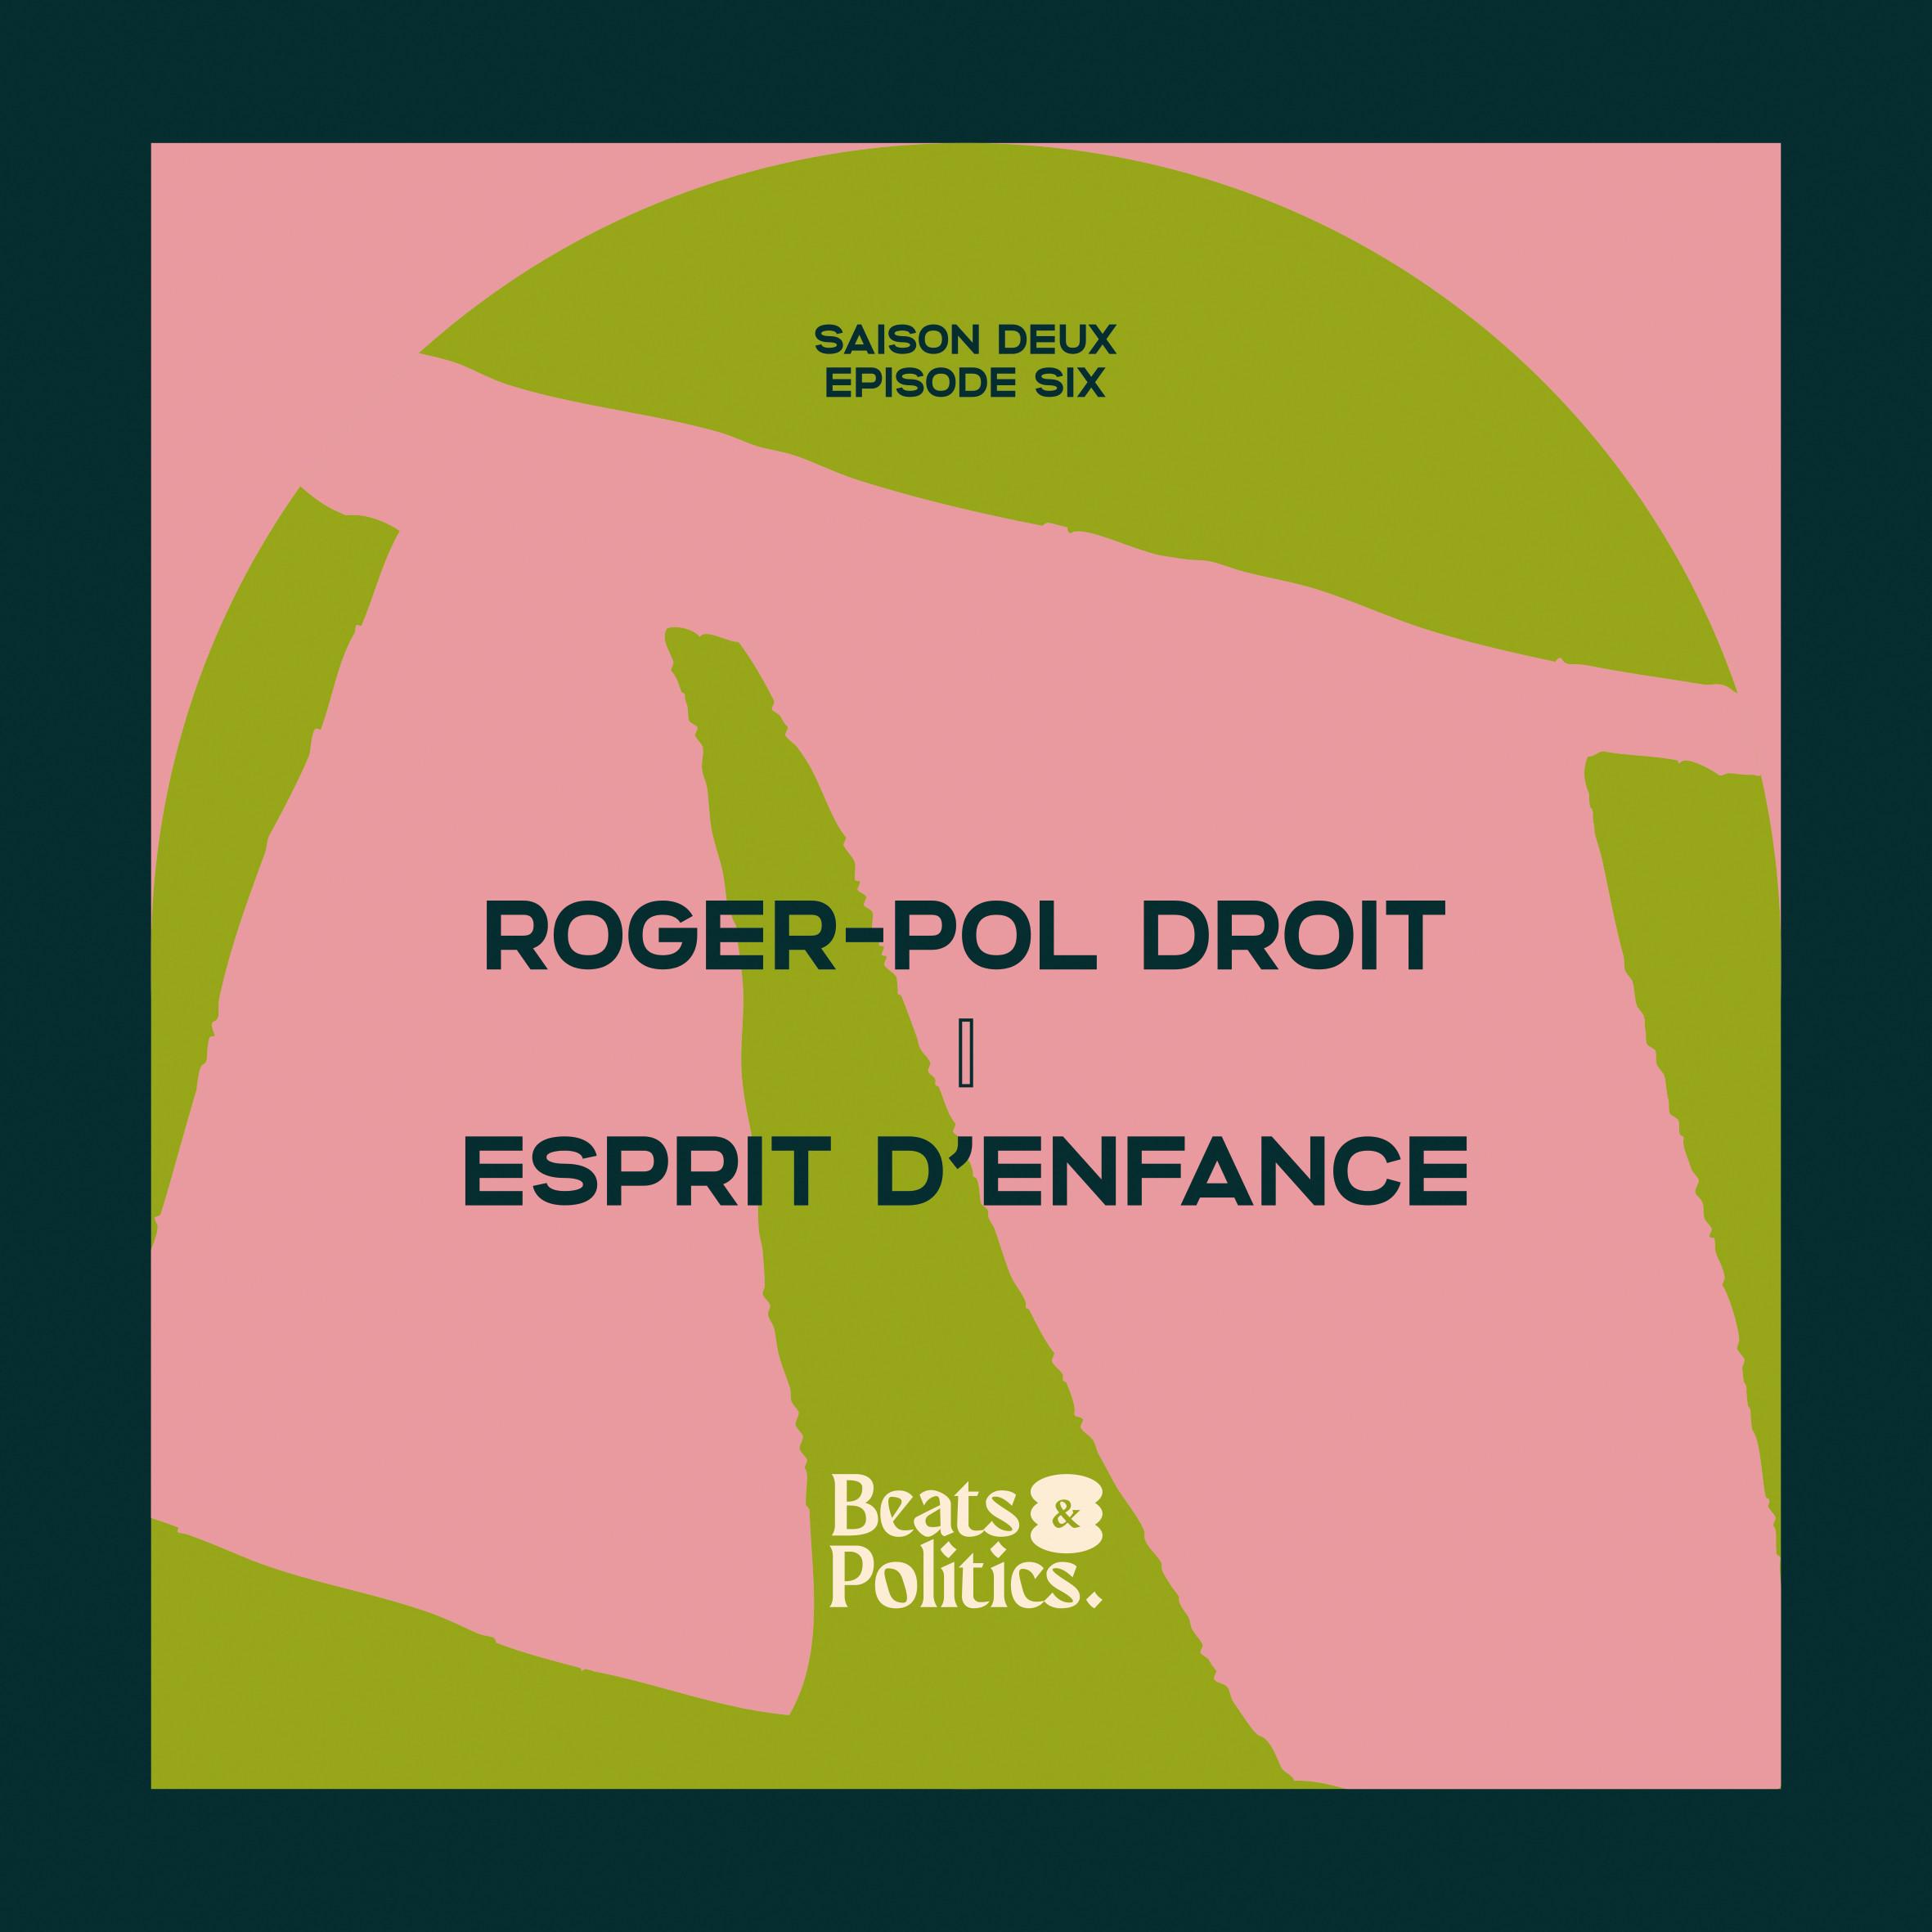 Roger-Pol Droit : Esprit d'enfance